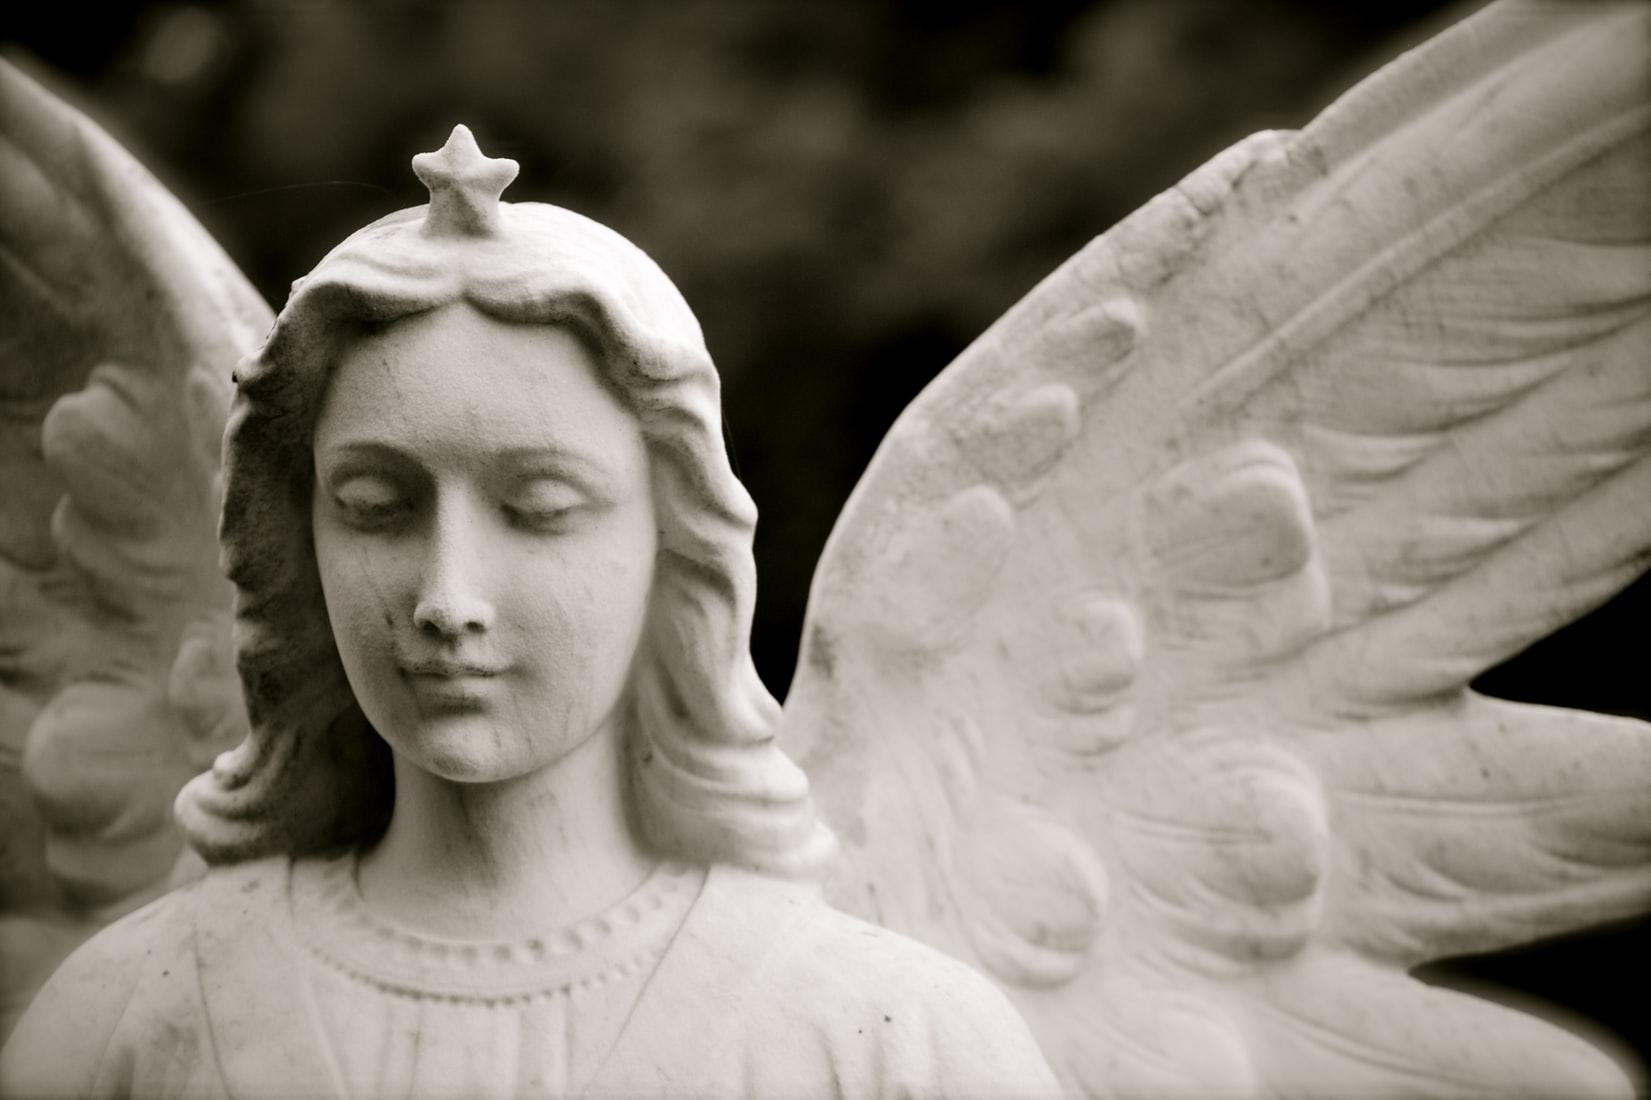 angel statue against dark background